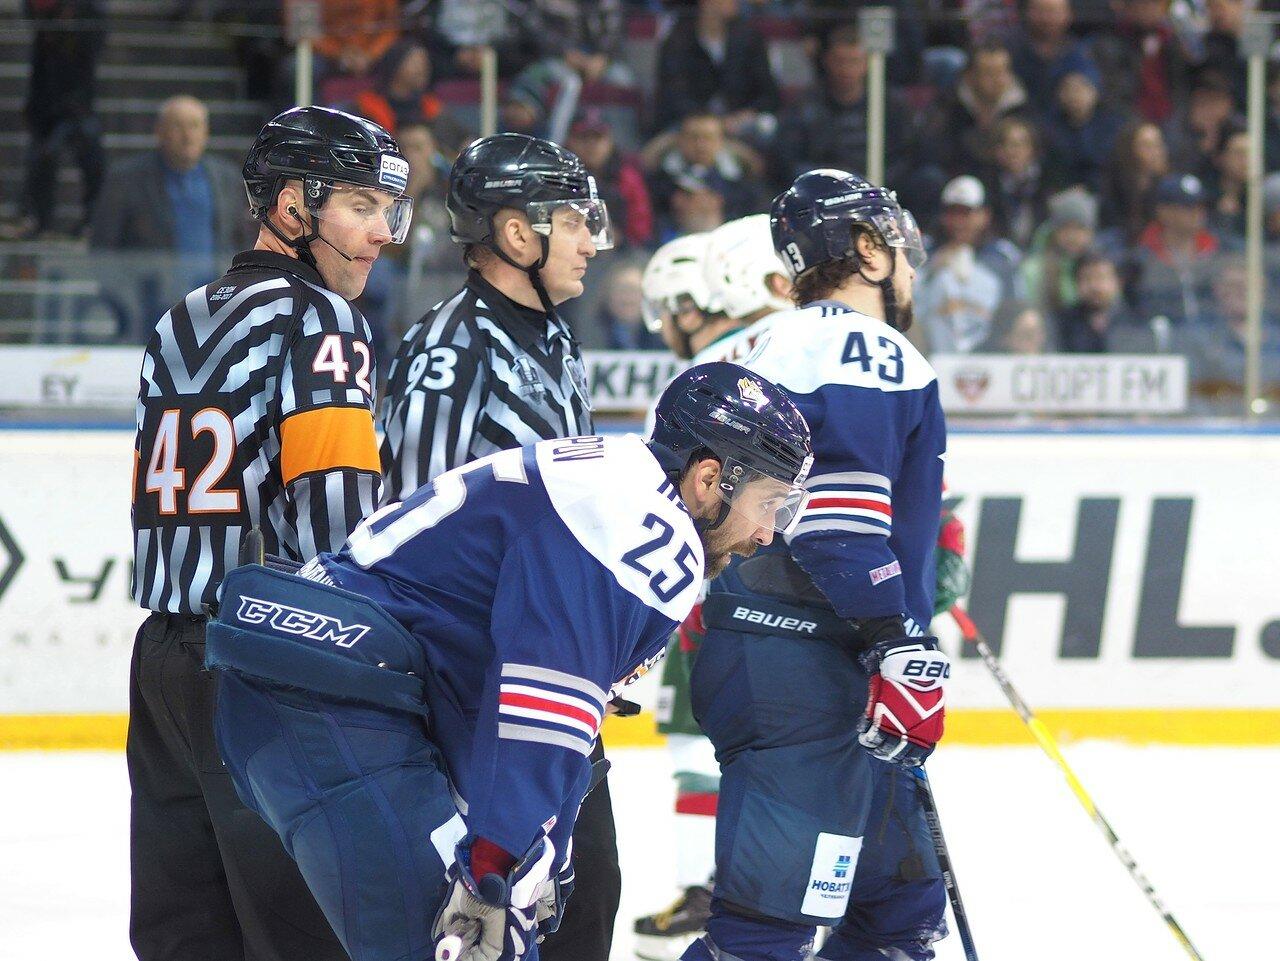 108 Первая игра финала плей-офф восточной конференции 2017 Металлург - АкБарс 24.03.2017